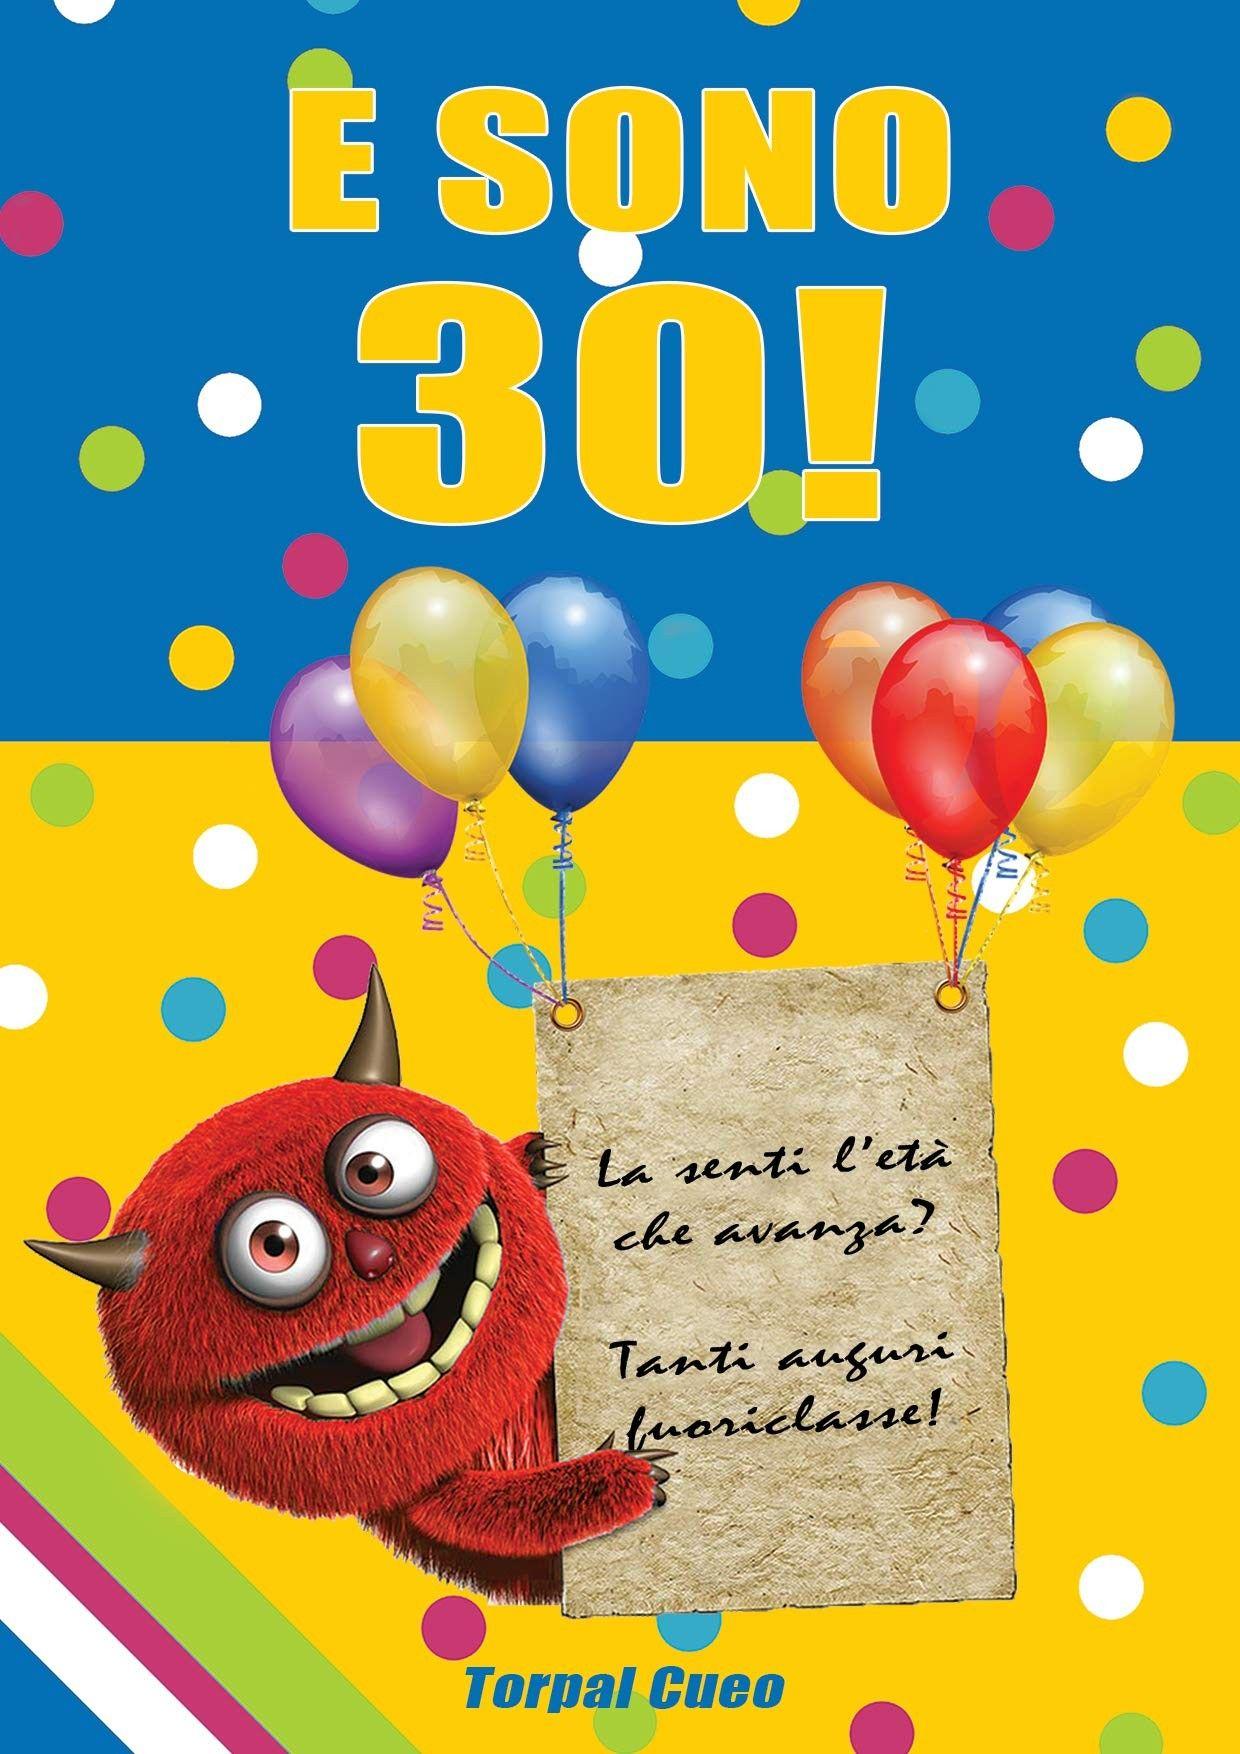 Pin di Claudia su Buon compleanno   Auguri di compleanno, Auguri ...